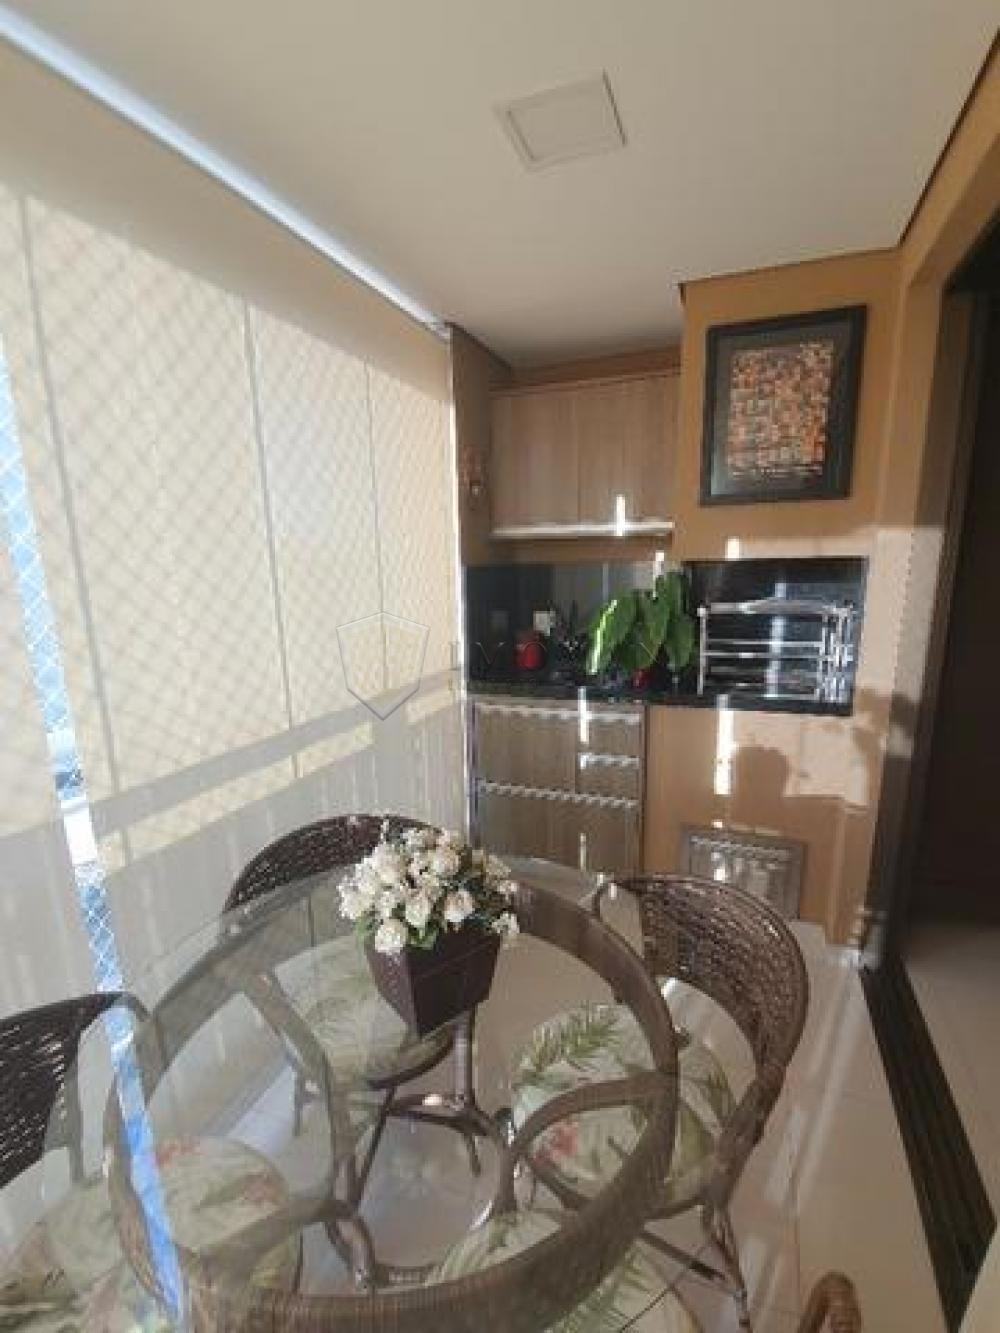 Comprar Apartamento / Padrão em Ribeirão Preto apenas R$ 680.000,00 - Foto 19